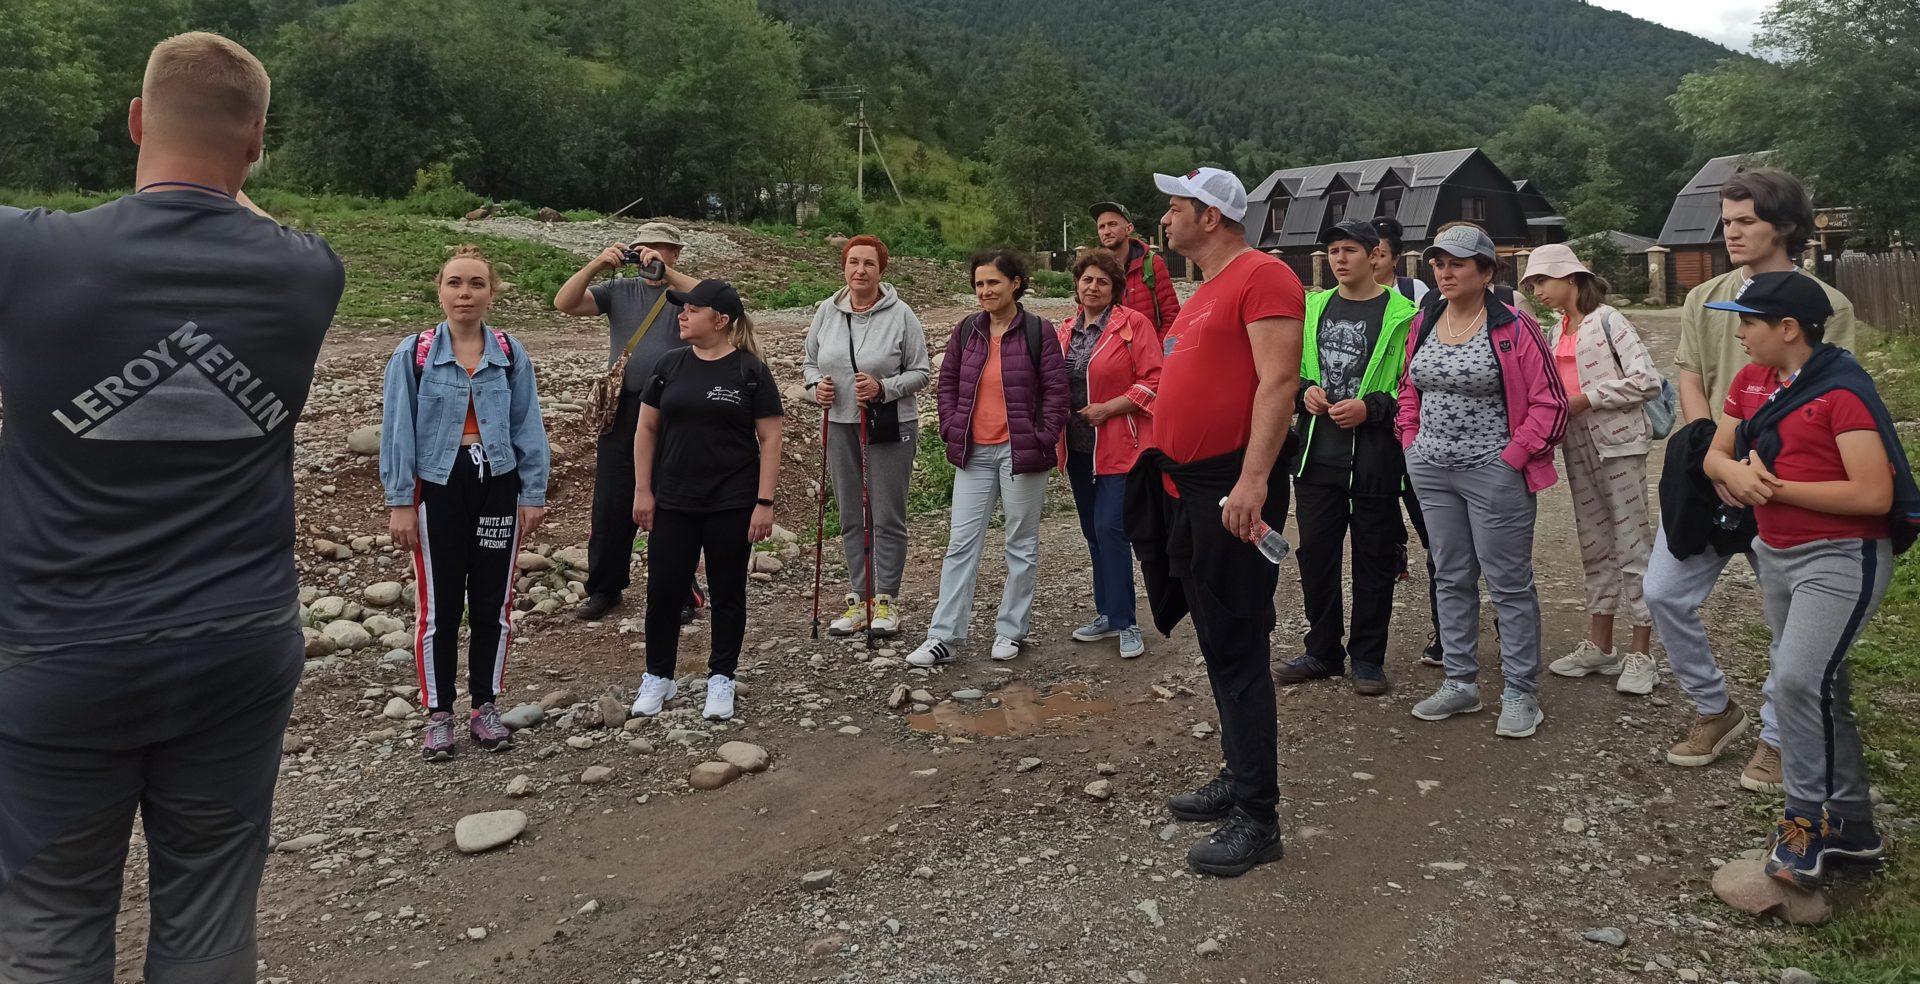 Работники психиатрической больницы восстанавливают душевное здоровье в горах Северного Кавказа